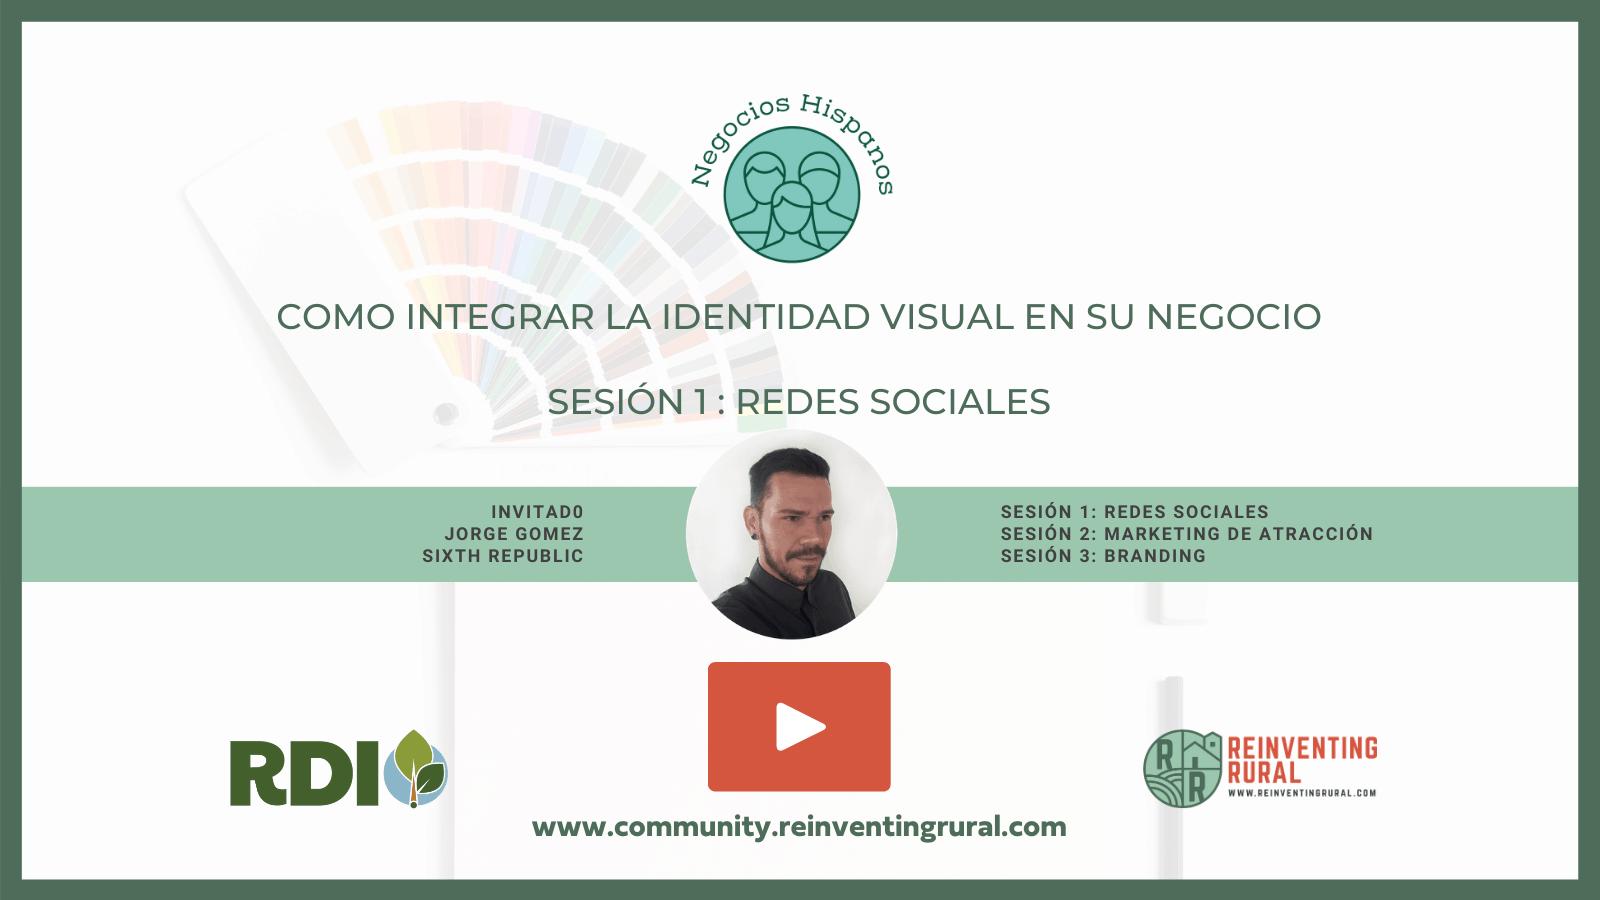 Sesion 1 Como Integrar la Identidad Visual en su Negocio